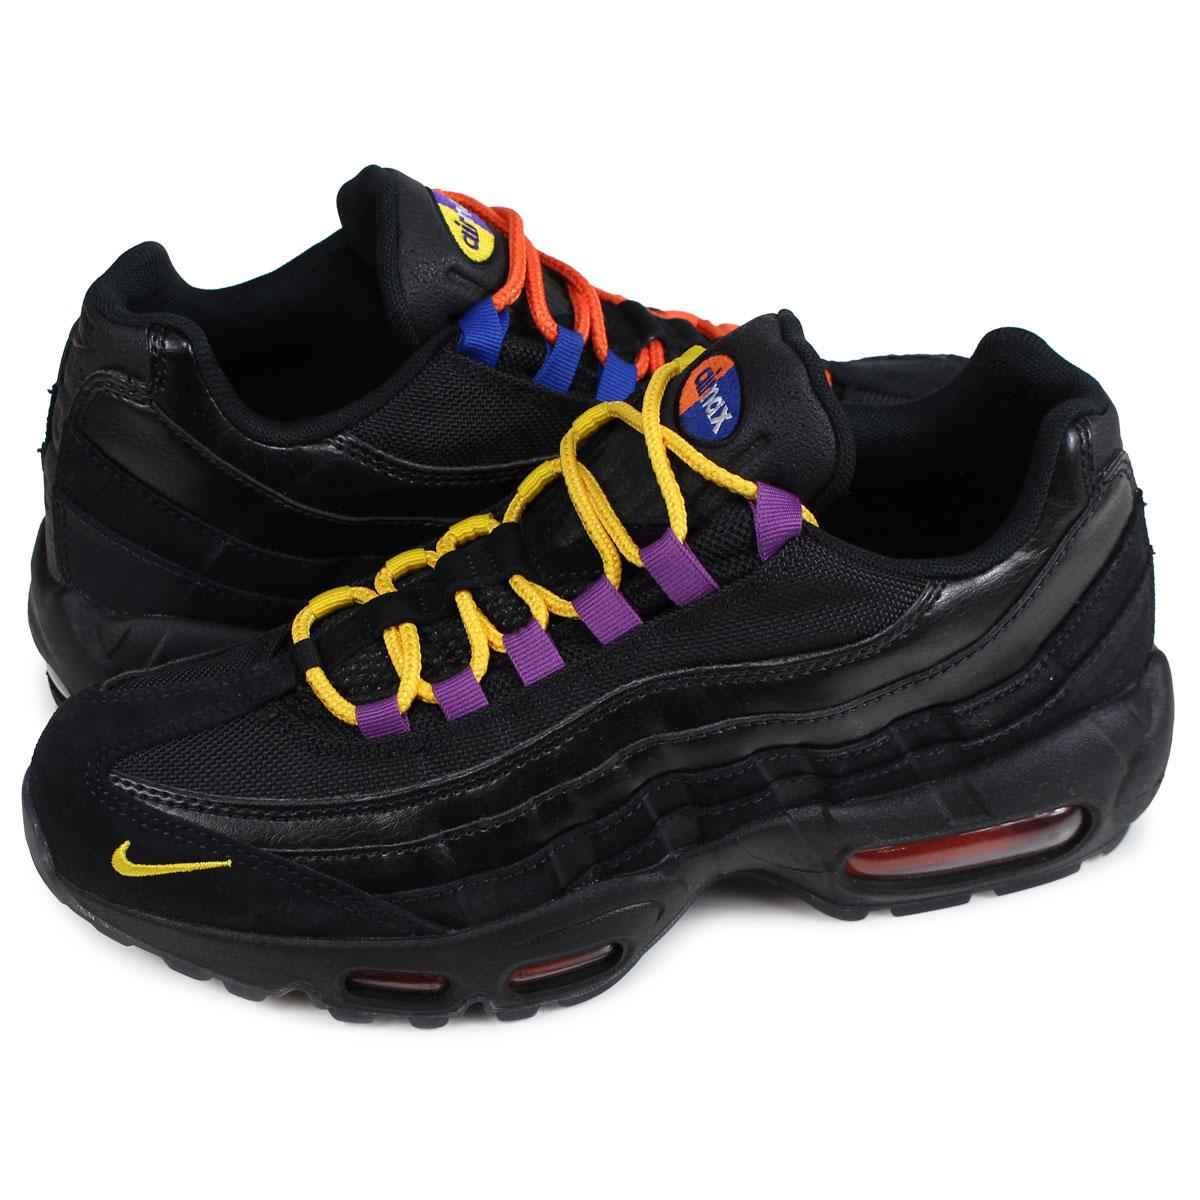 new style 30df1 53c5c Nike NIKE Air Max 95 sneakers men AIR MAX 95 PREMIUM black AT8505-001  1 18  Shinnyu load